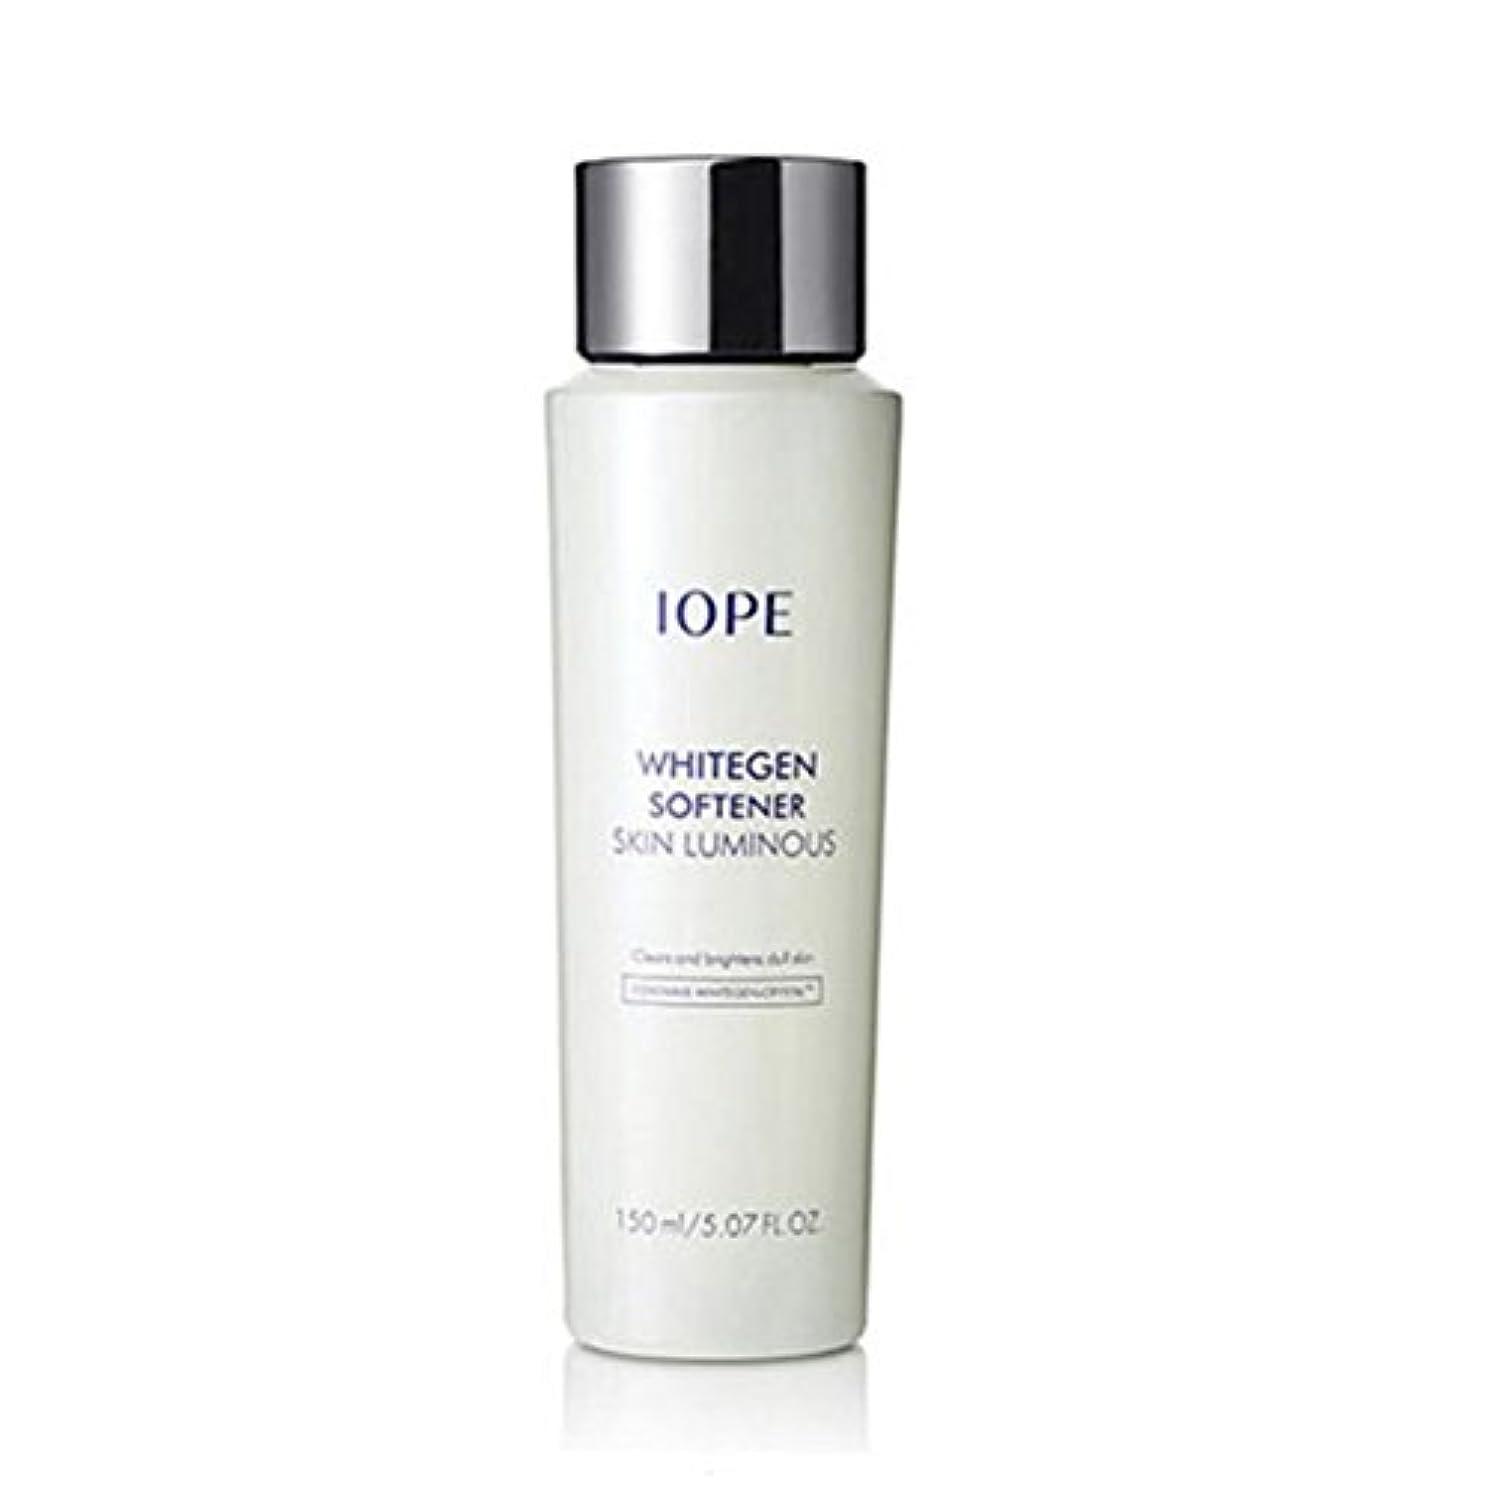 有益裁判所鈍い(アイオペ)IOPE Whitegen Softener Skin Luminous (韓国直発送) oopspanda